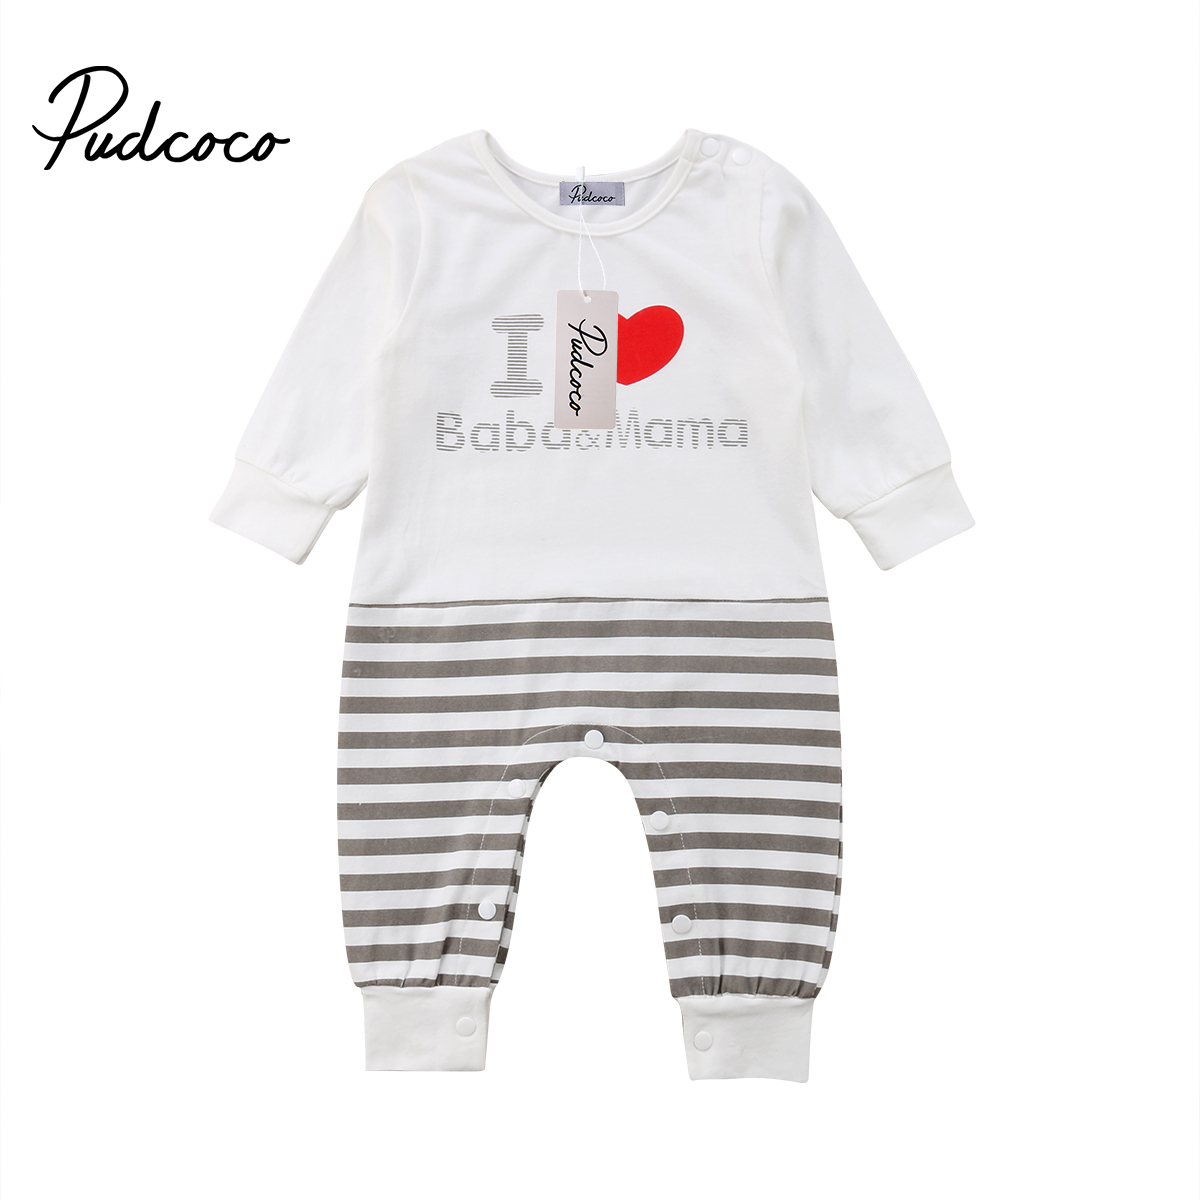 2019 Neugeborenen Baby Kinder Jungen Mädchen Gestreiften Liebe Mama Einteiliges Strampler Overall Outfits Kleidung Ein Unverzichtbares SouveräNes Heilmittel FüR Zuhause